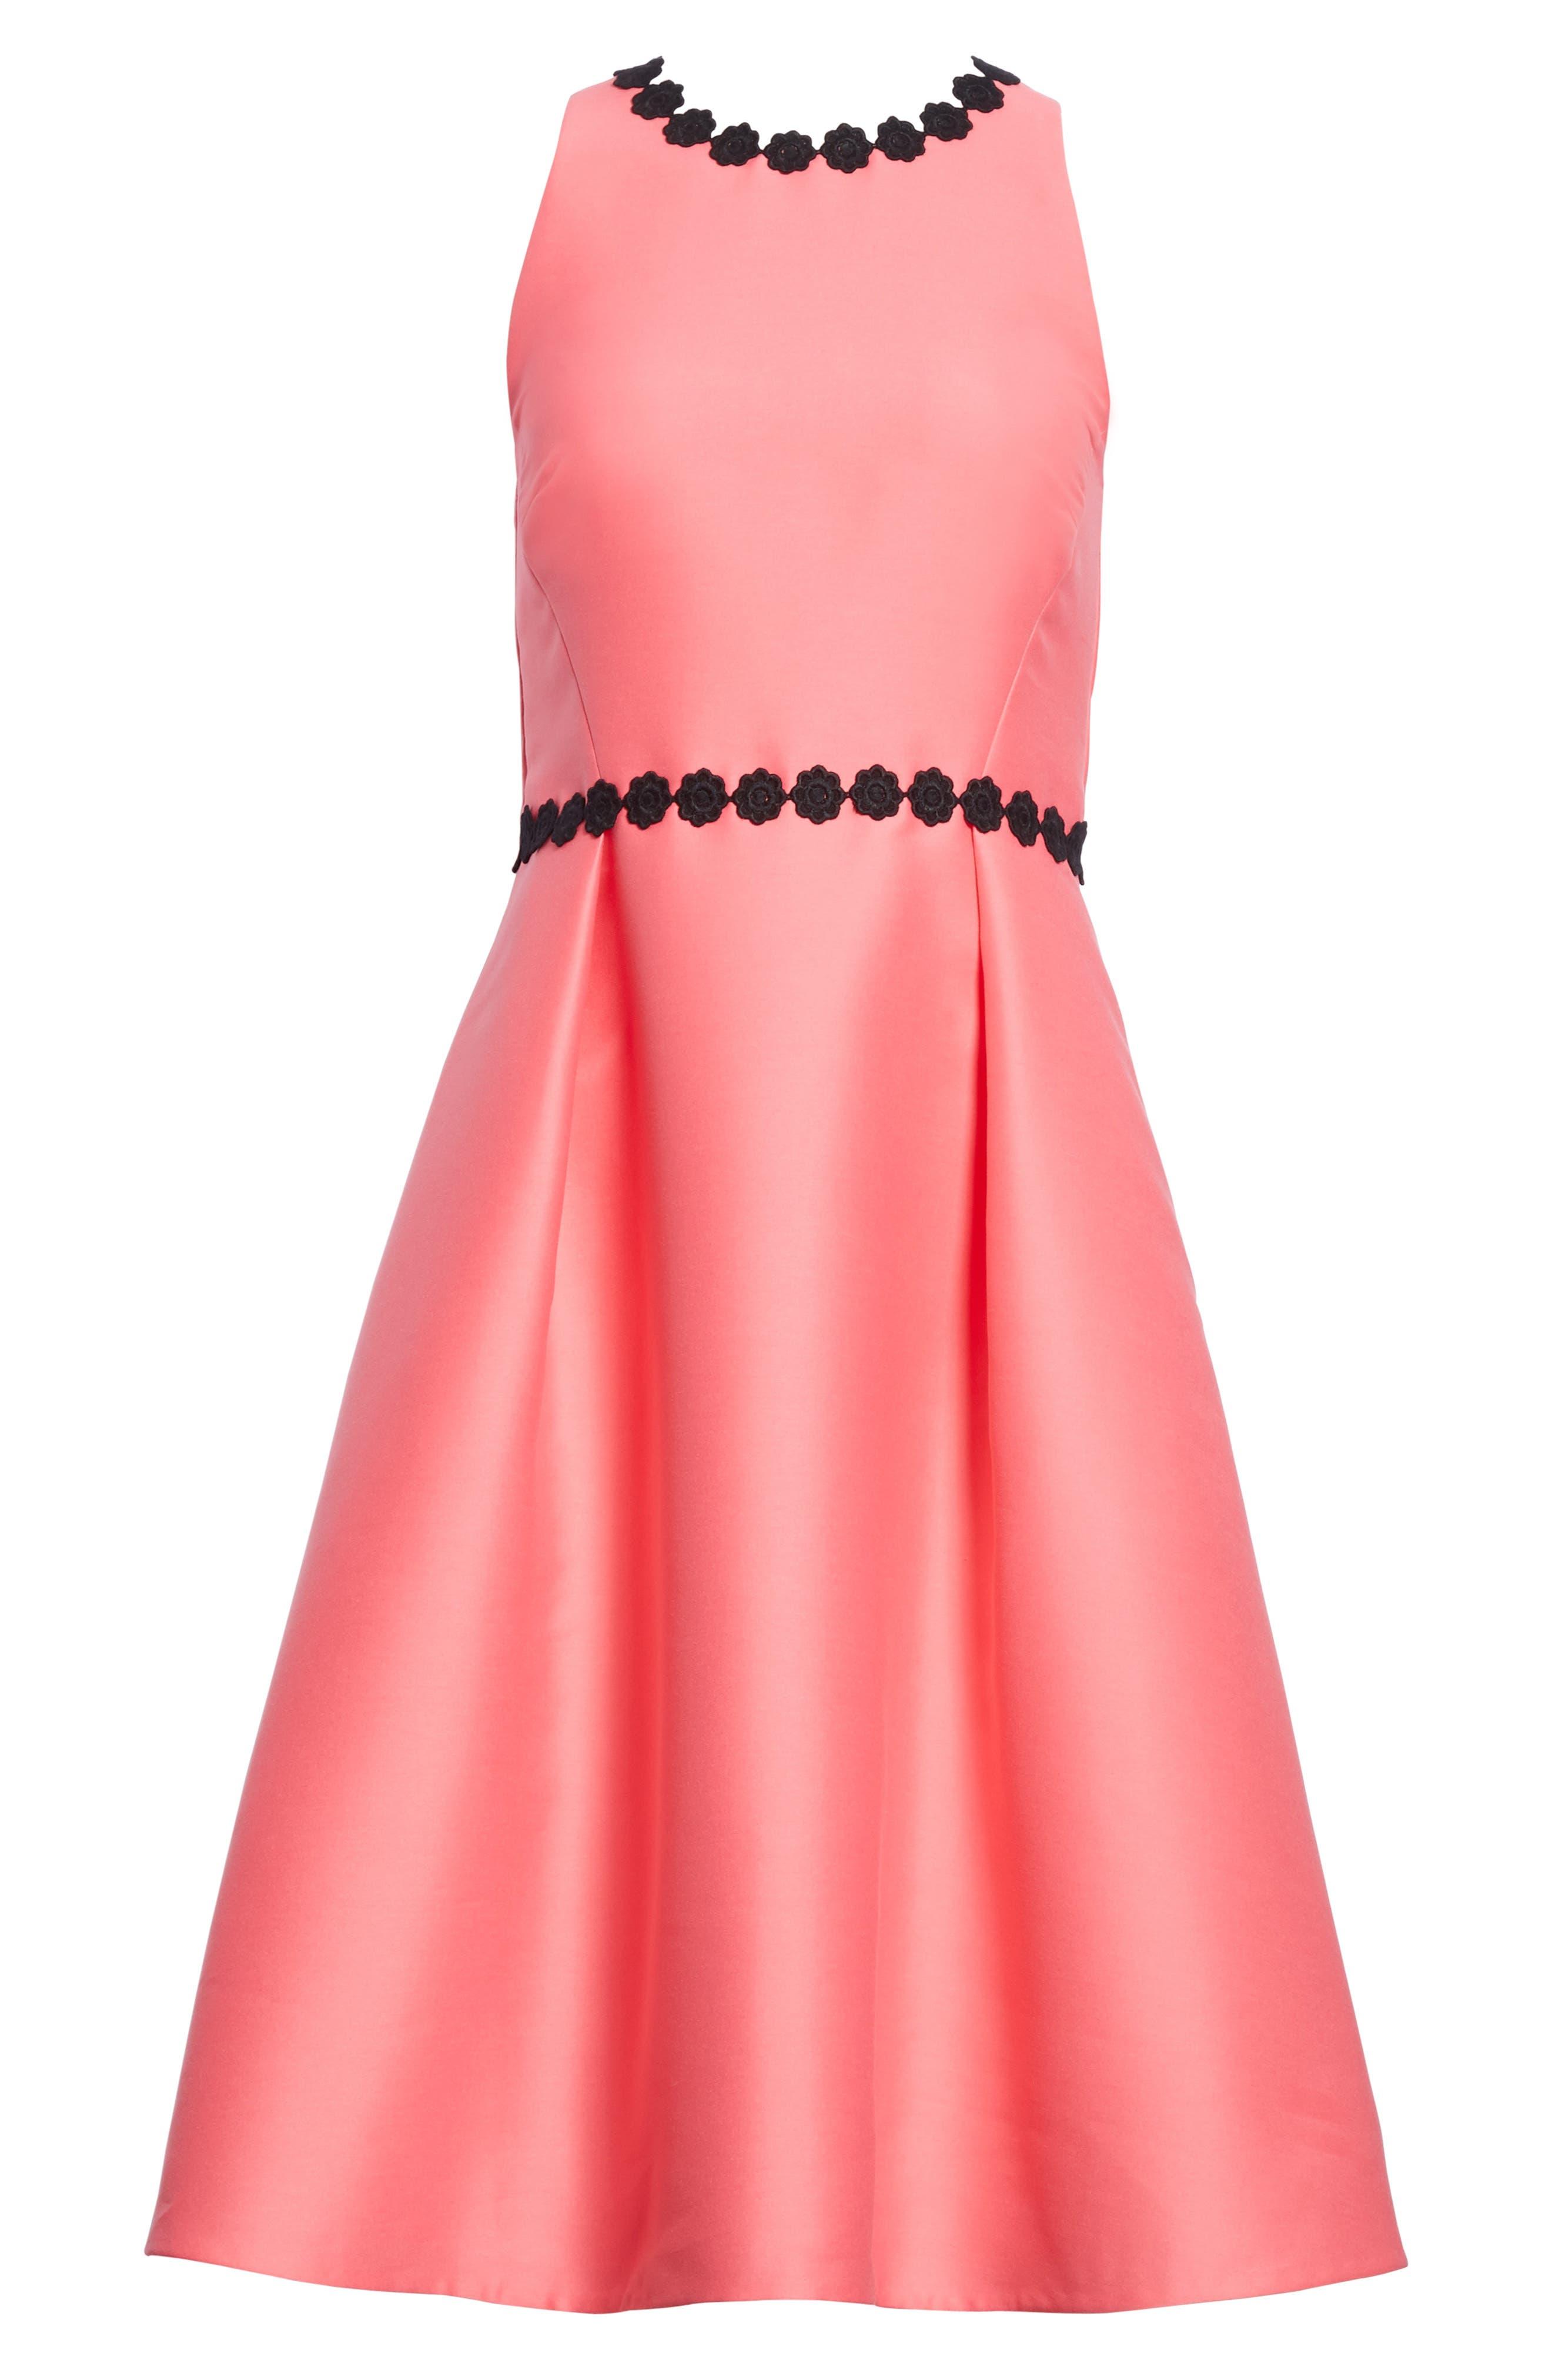 floral lace trim mikado fit & flare dress,                             Alternate thumbnail 6, color,                             682